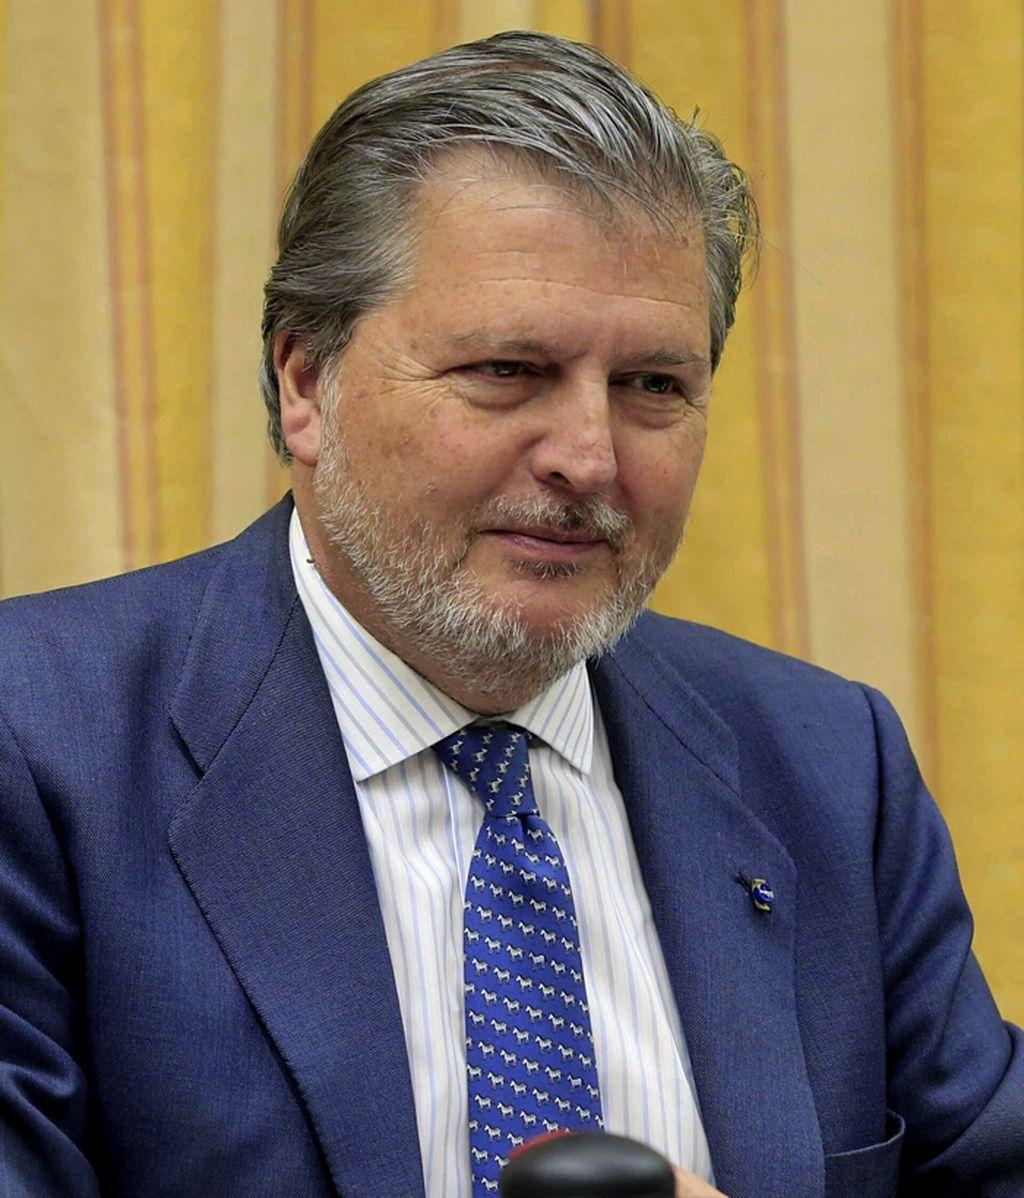 Rajoy nombra a Méndez de Vigo ministro de Educación en sustitución de Wert